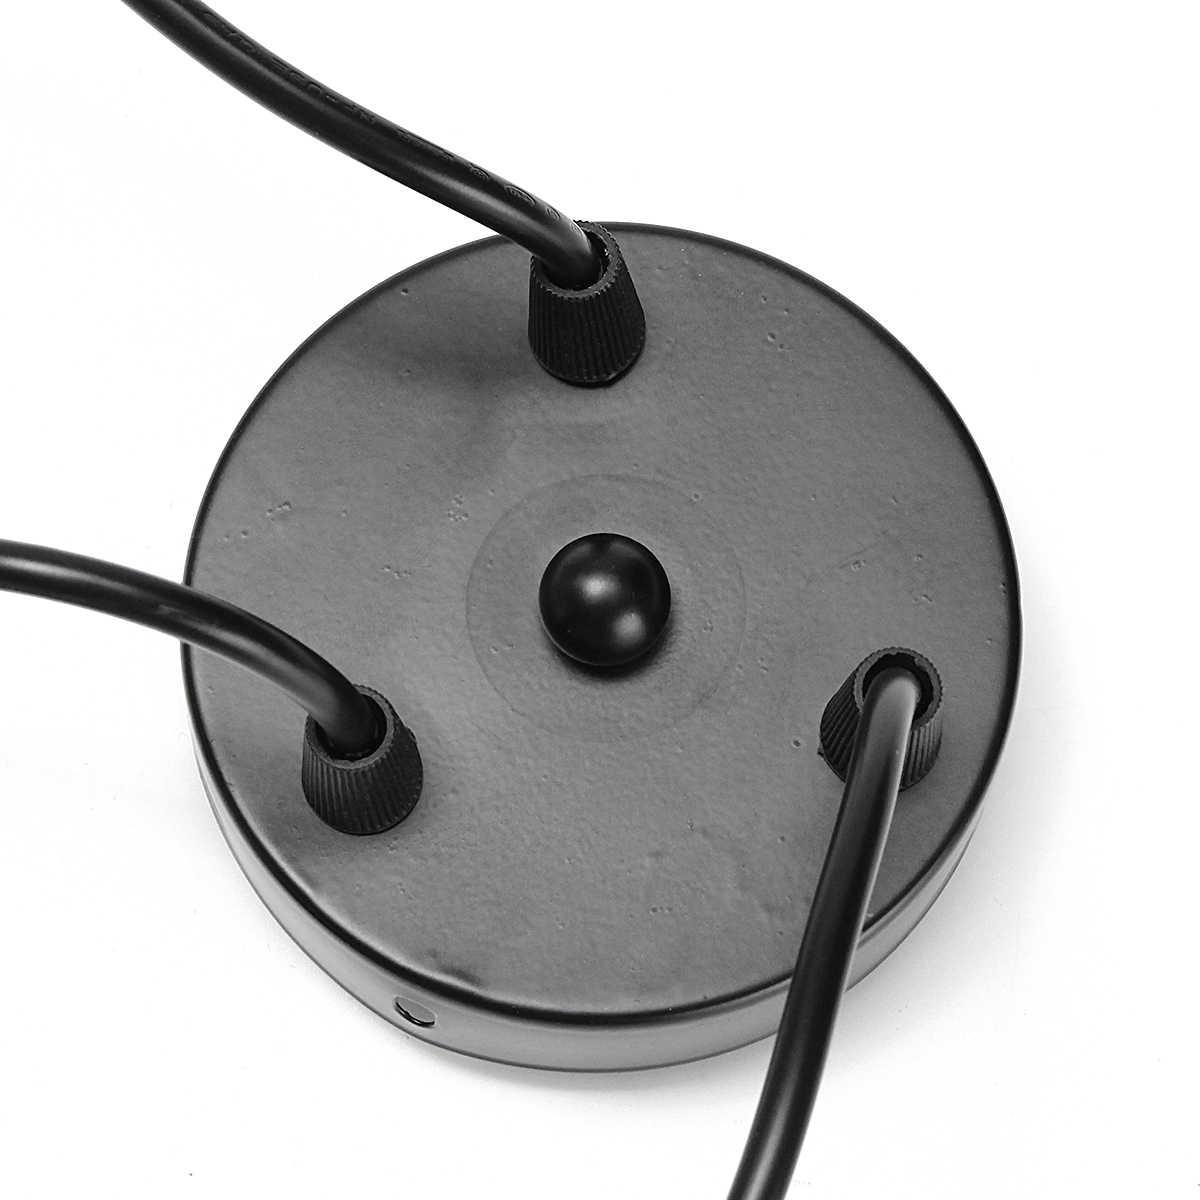 Smuxi Черный E27 3 головки подвесной светильник винтажный Промышленный Эдисон потолочный светильник обеденный светильник ing Ретро подвесной светильник